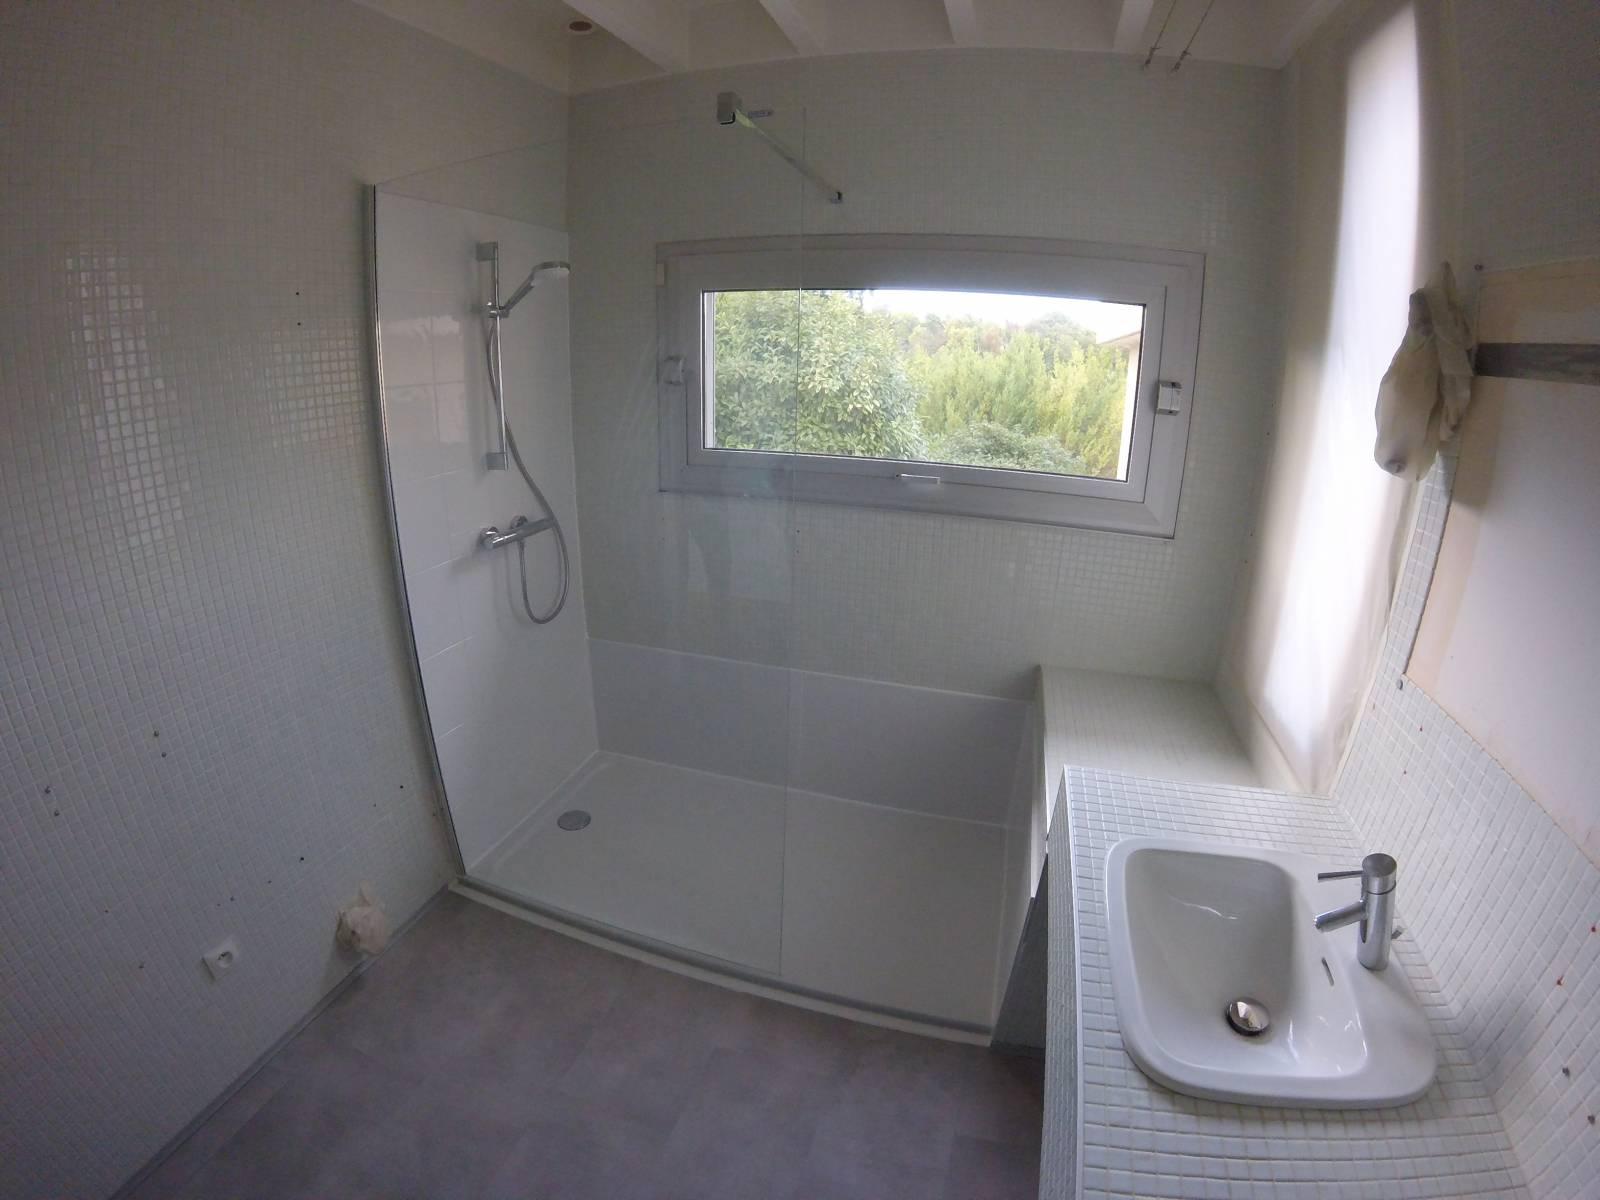 remplacement d 39 une baignoire par une douche s curis e pour. Black Bedroom Furniture Sets. Home Design Ideas